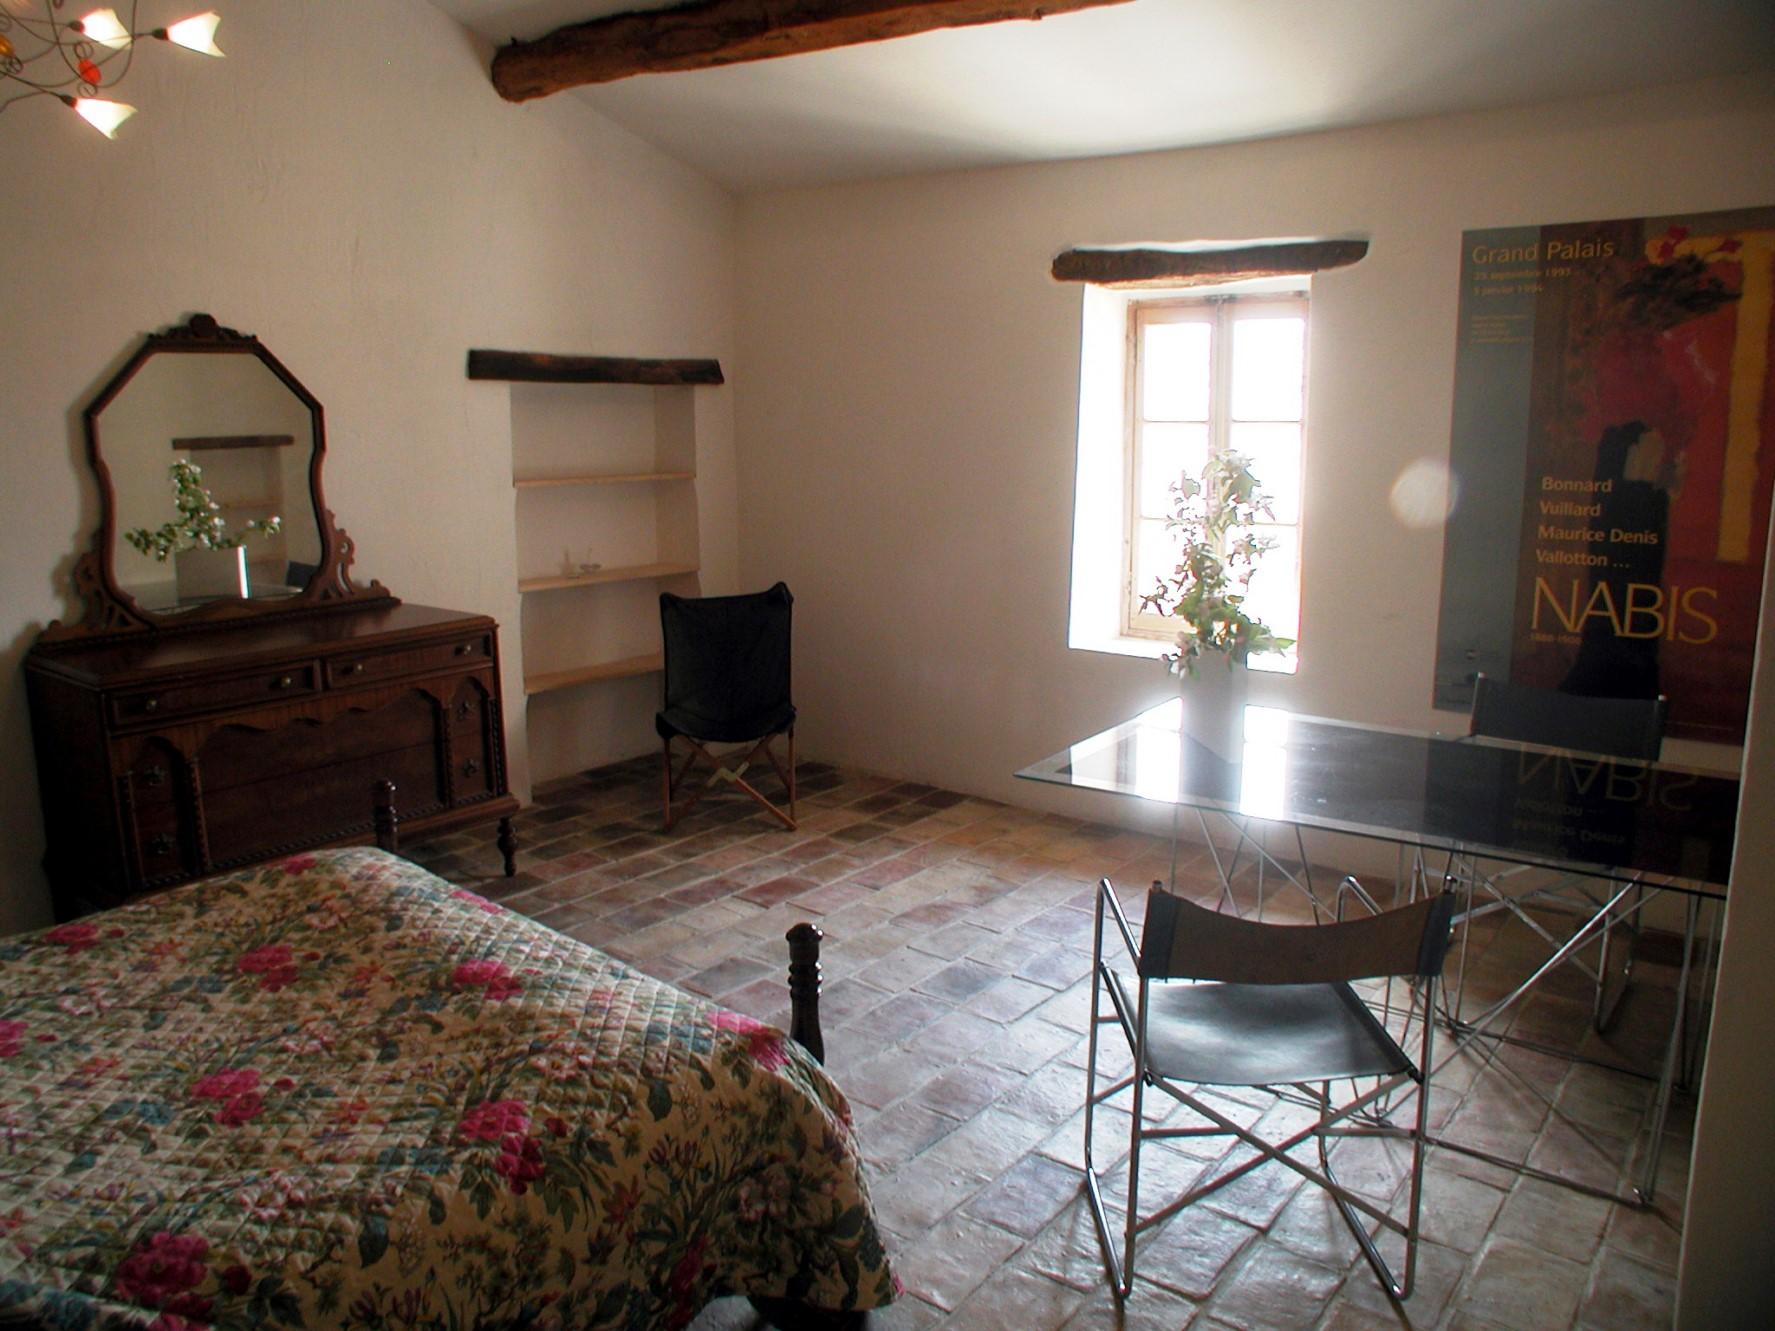 En Luberon, à vendre, ancien mas du XVIIIème siècle rénové,  sur plus de 2,2 hectares